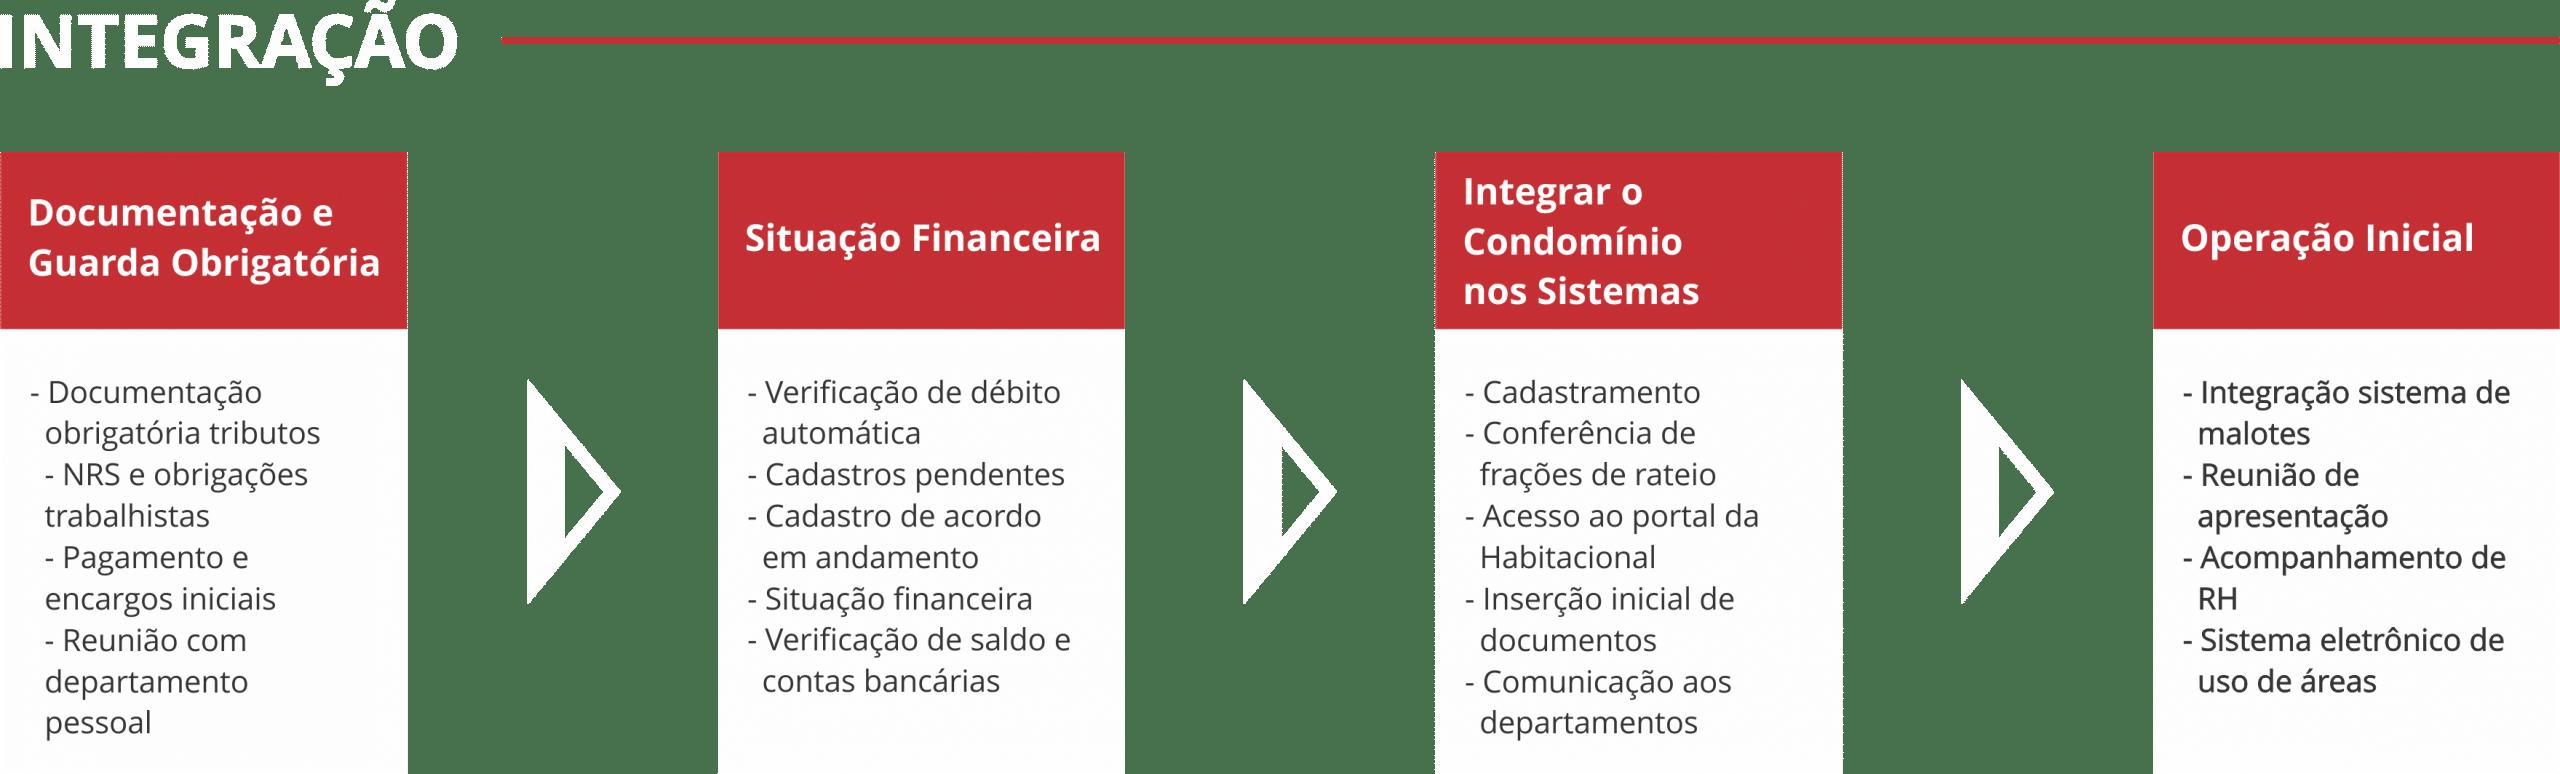 Integracoes